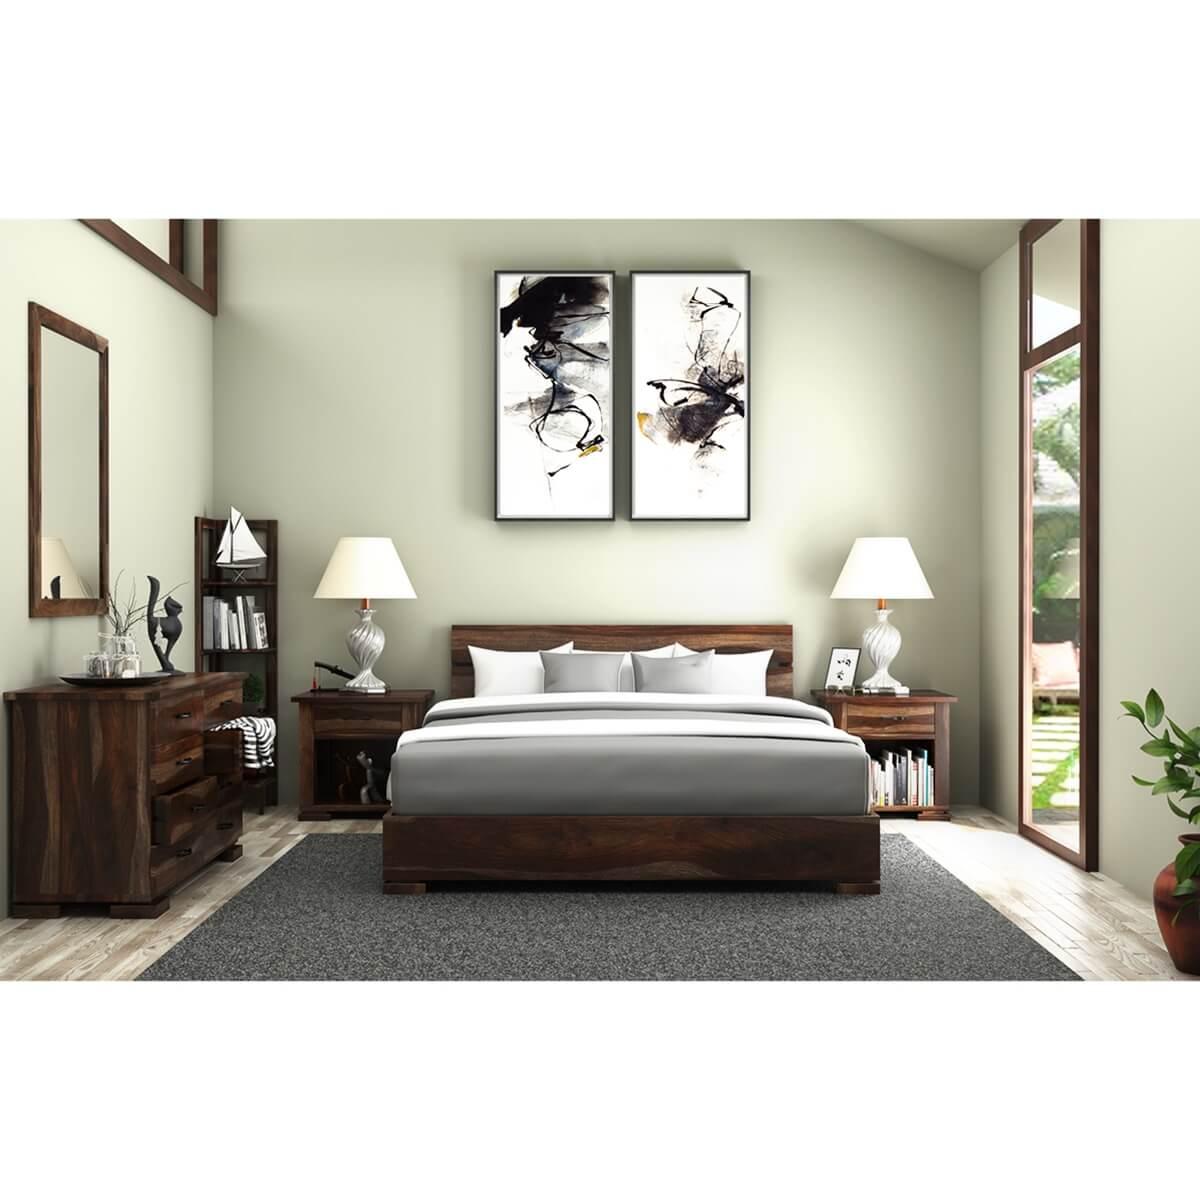 Athena Full Size Platform Bed 5 Piece Solid Wood Bedroom Set